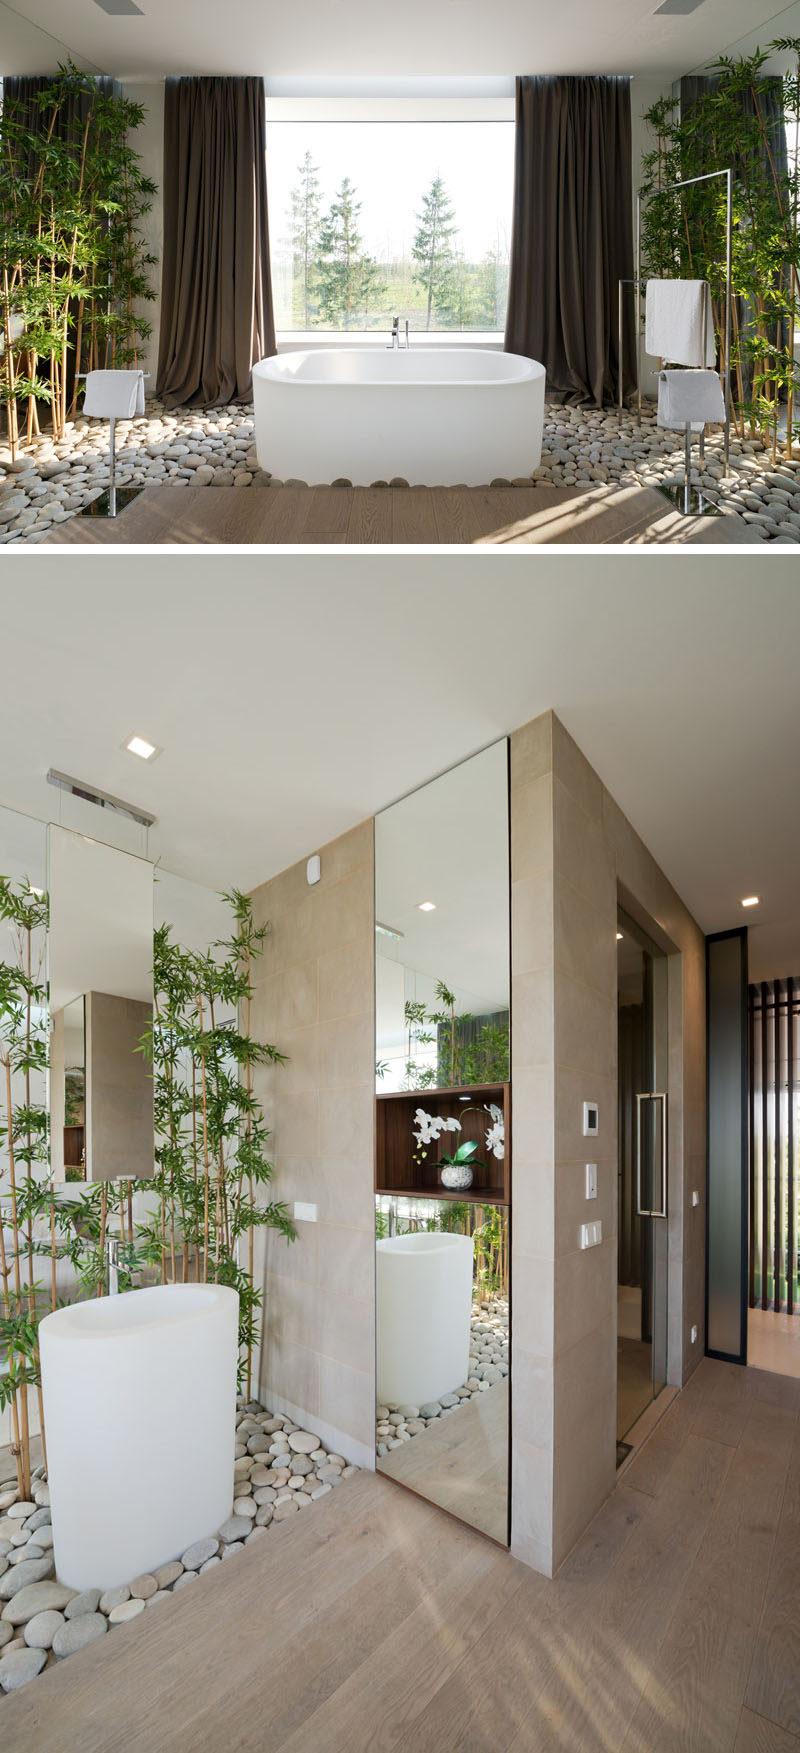 Bathroom Design Idea - Create a Spa-Like Bathroom At Home // Include touches of nature.